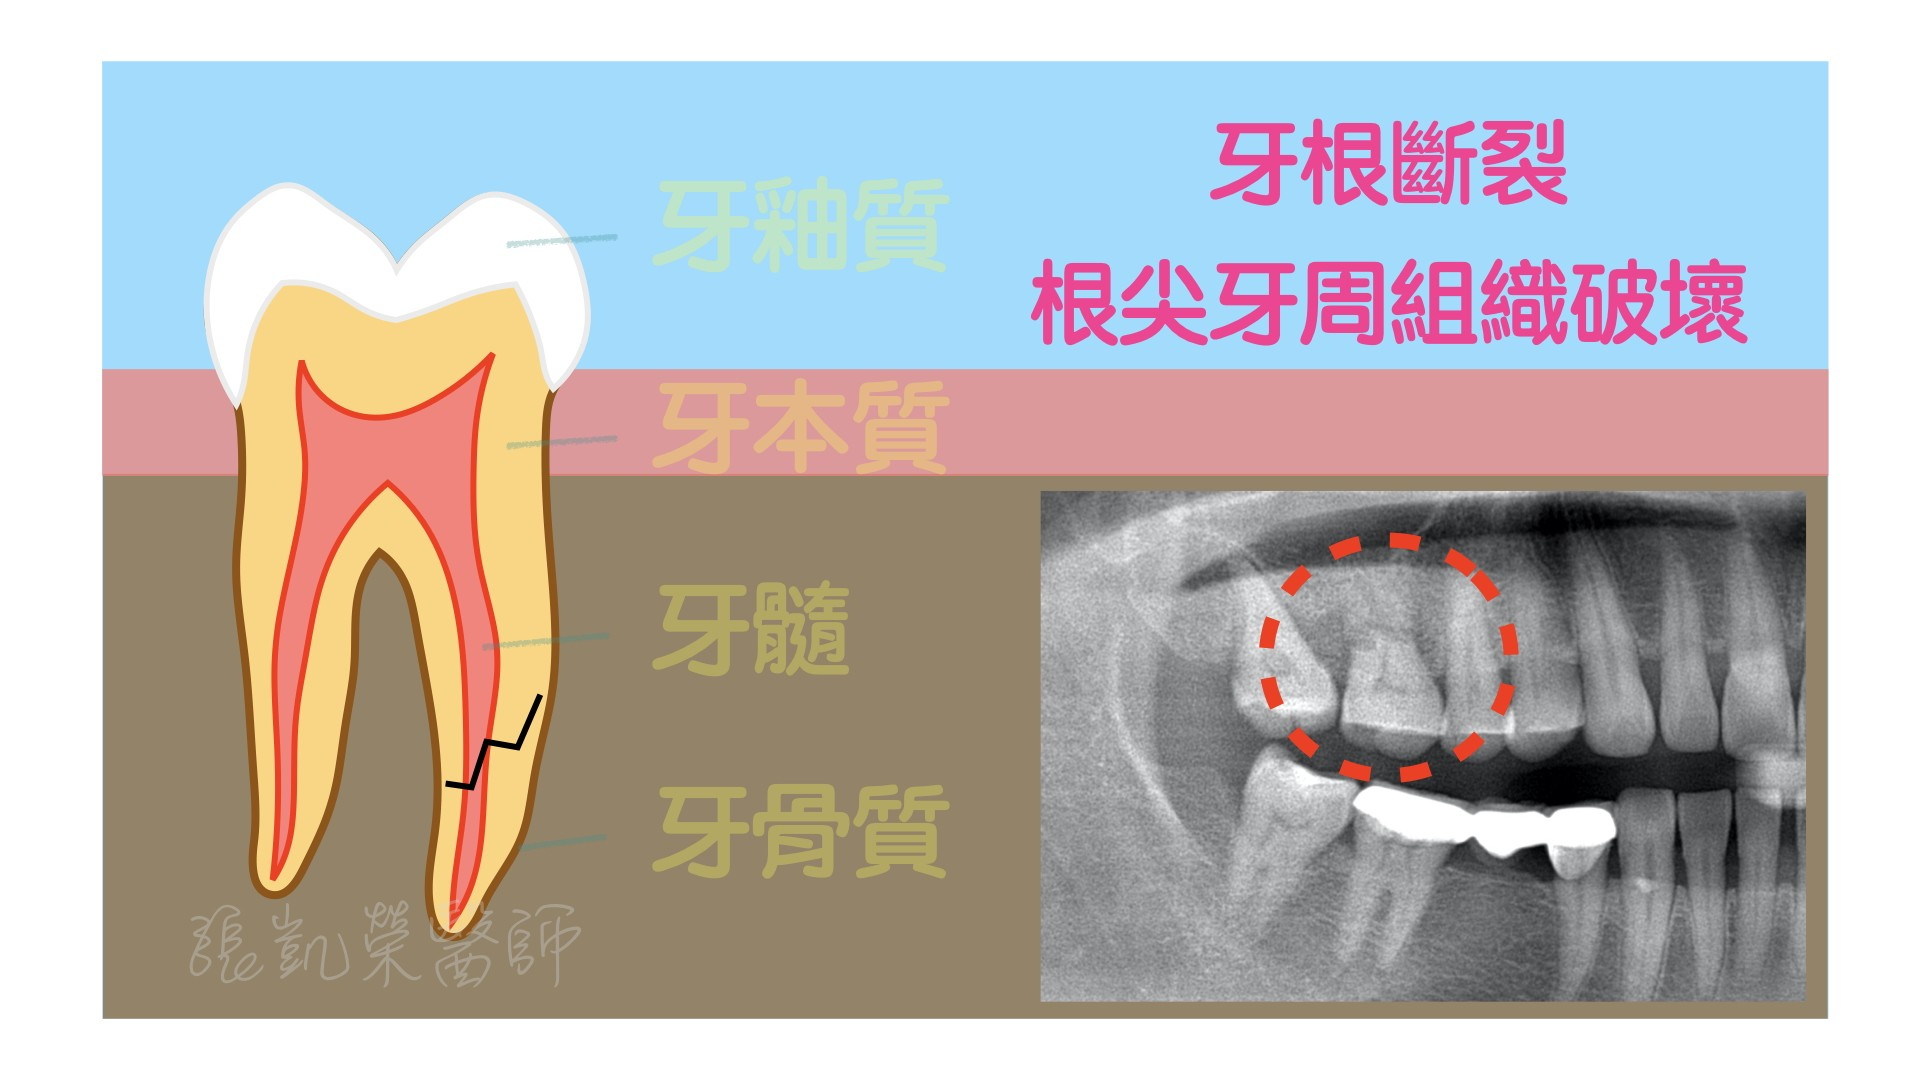 牙齒有酸酸的感覺,牙齒是怎麼了呢? part IV:牙根裂掉